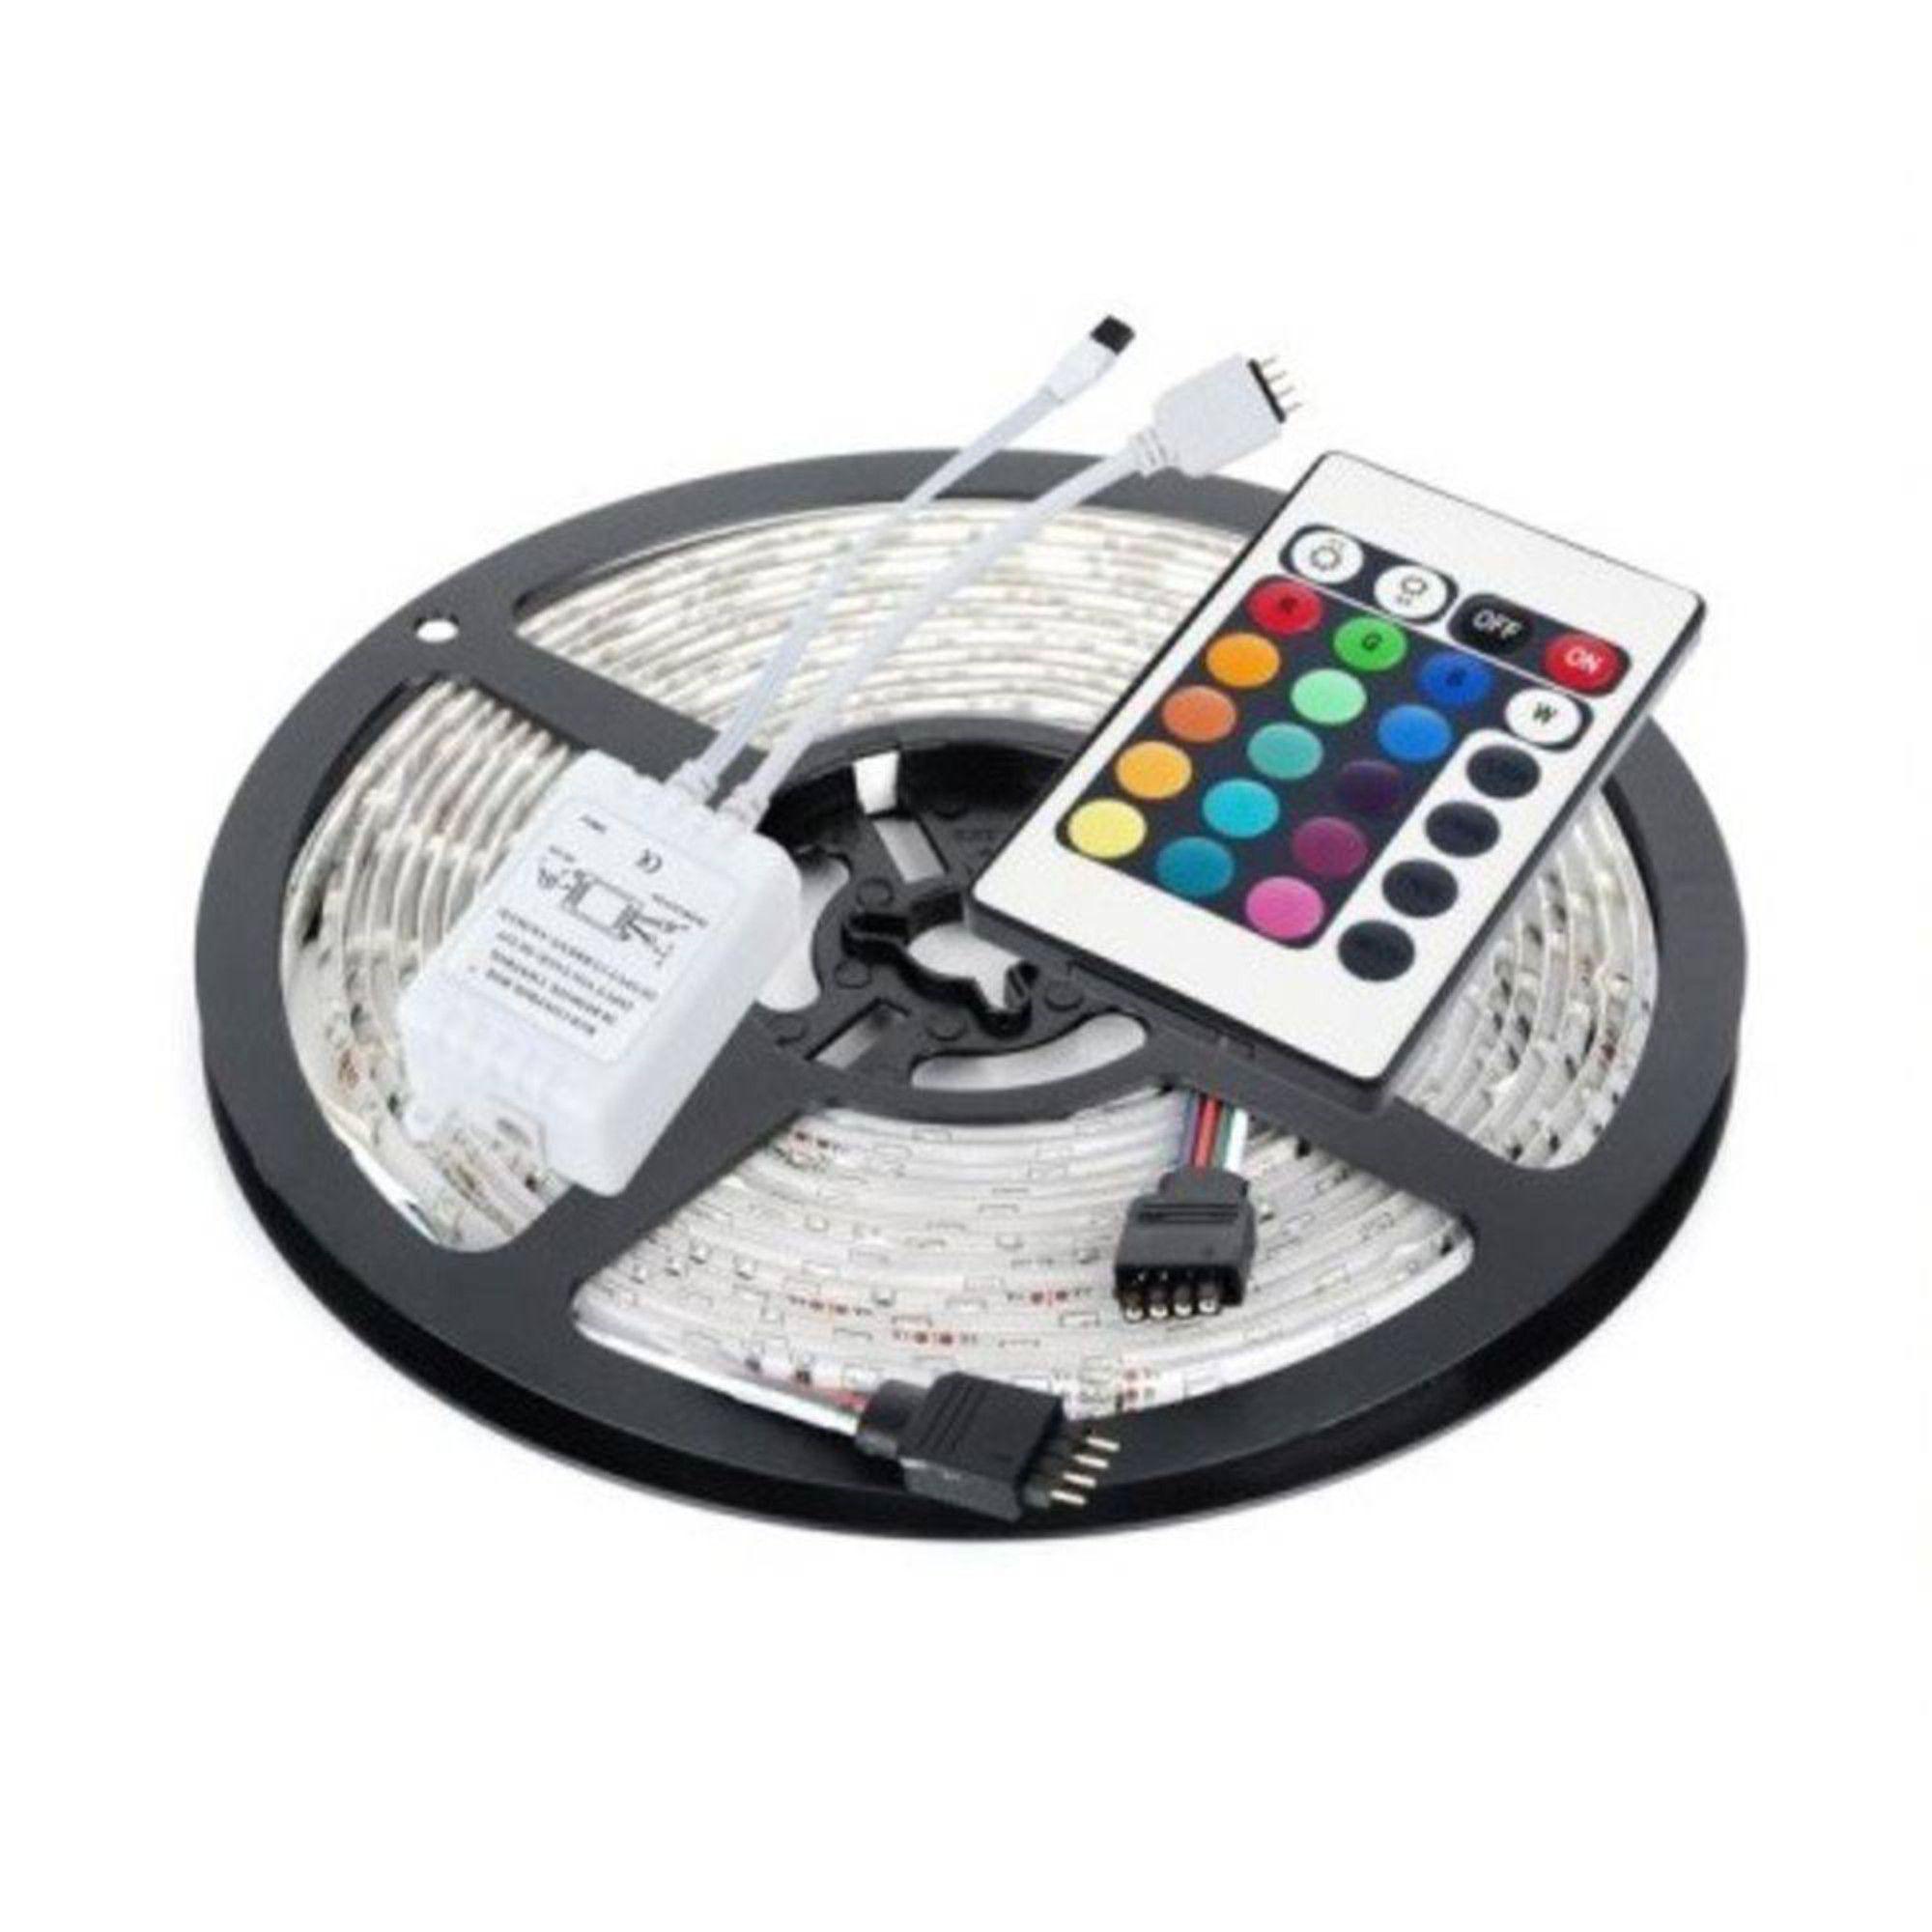 Fita Super Led Digital Rgb C/ Controle Sem Fio Iluminação Colorida C/ Fonte